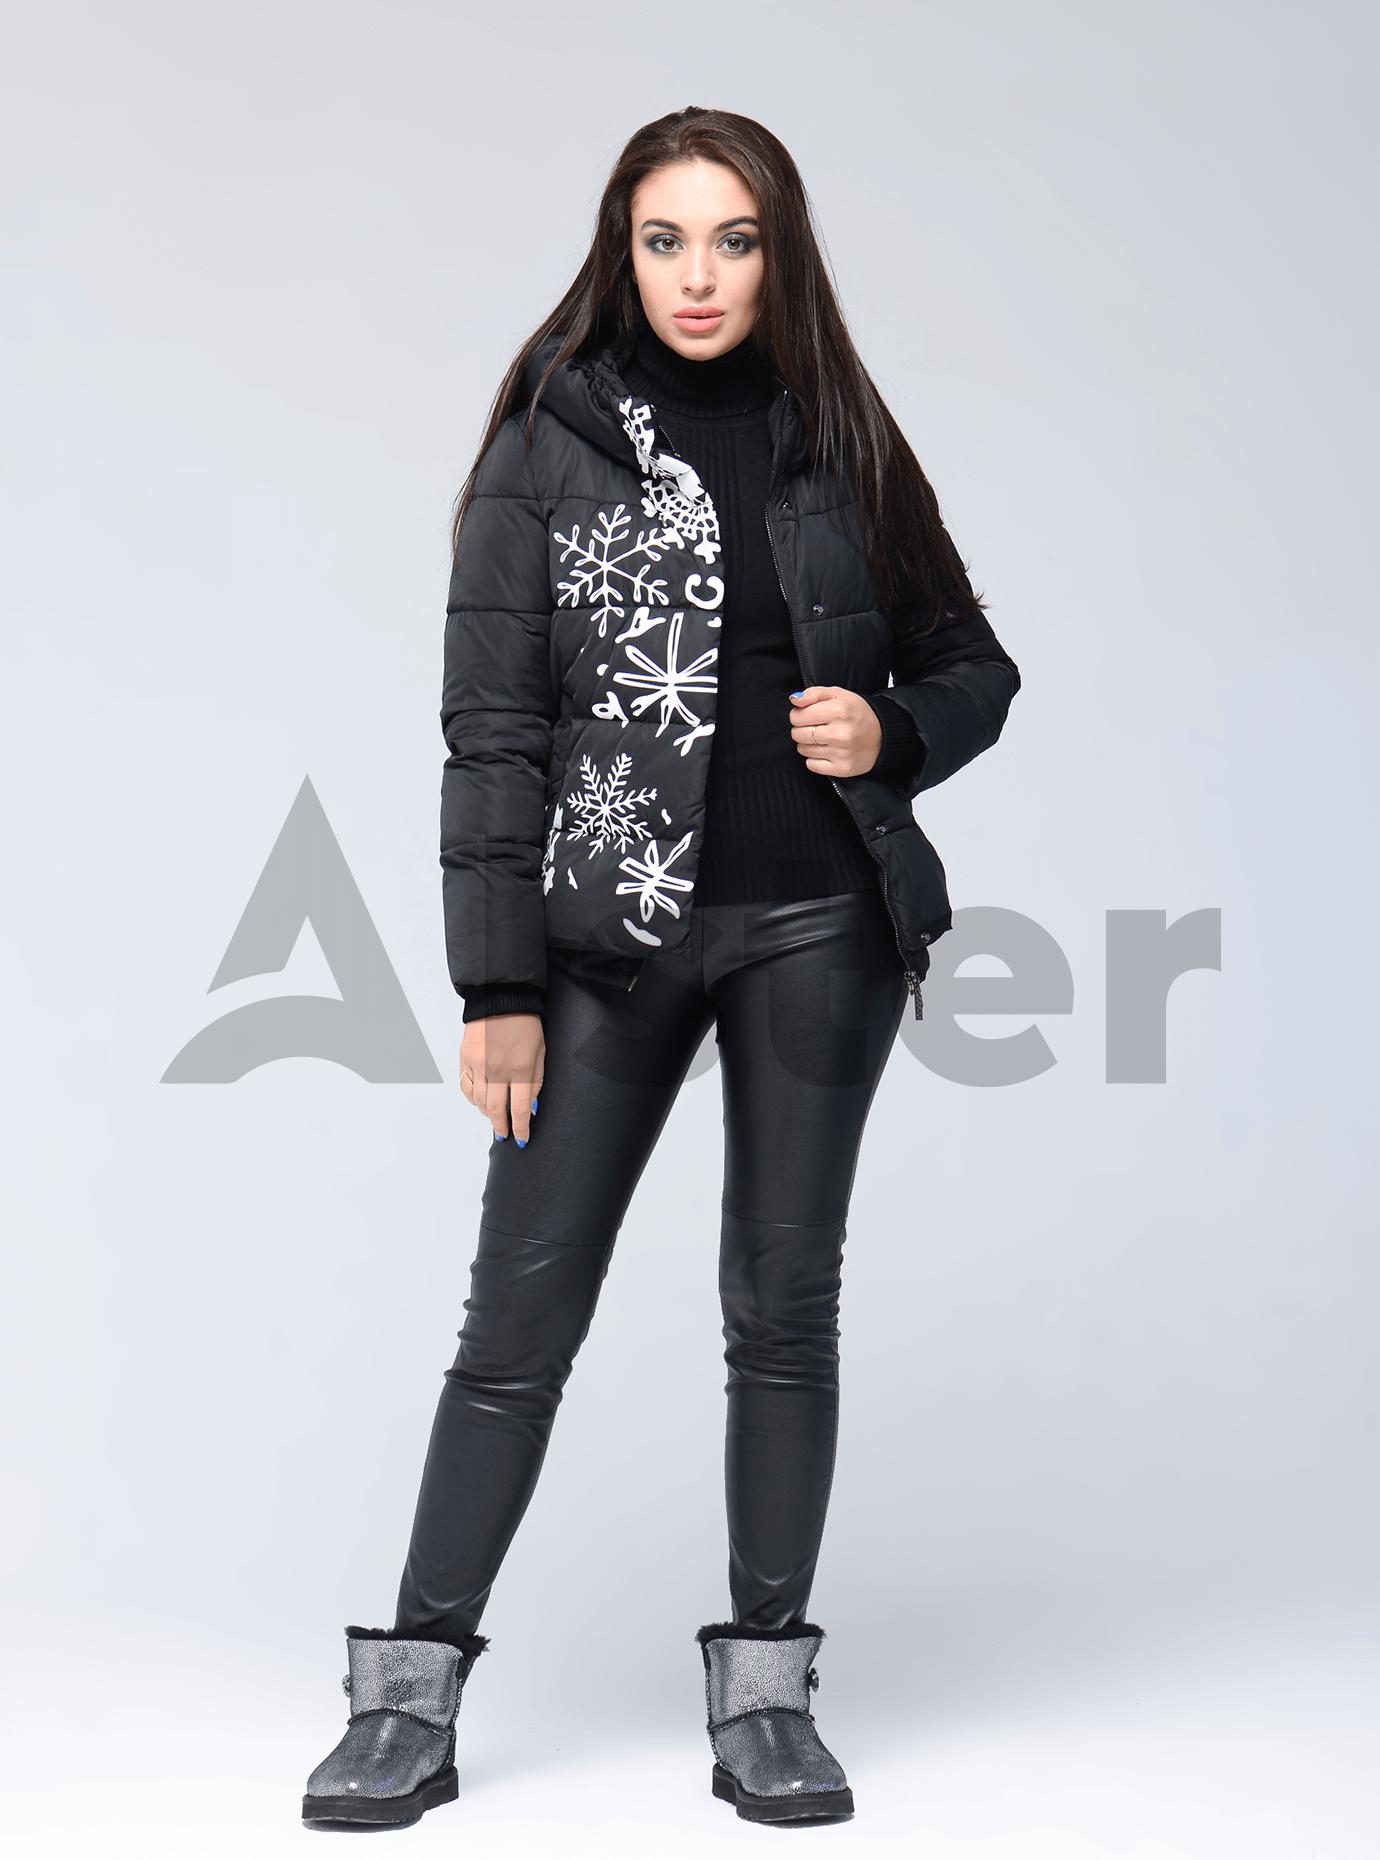 Куртка зимняя короткая с принтом Чёрный 42 (01-RR16023): фото - Alster.ua